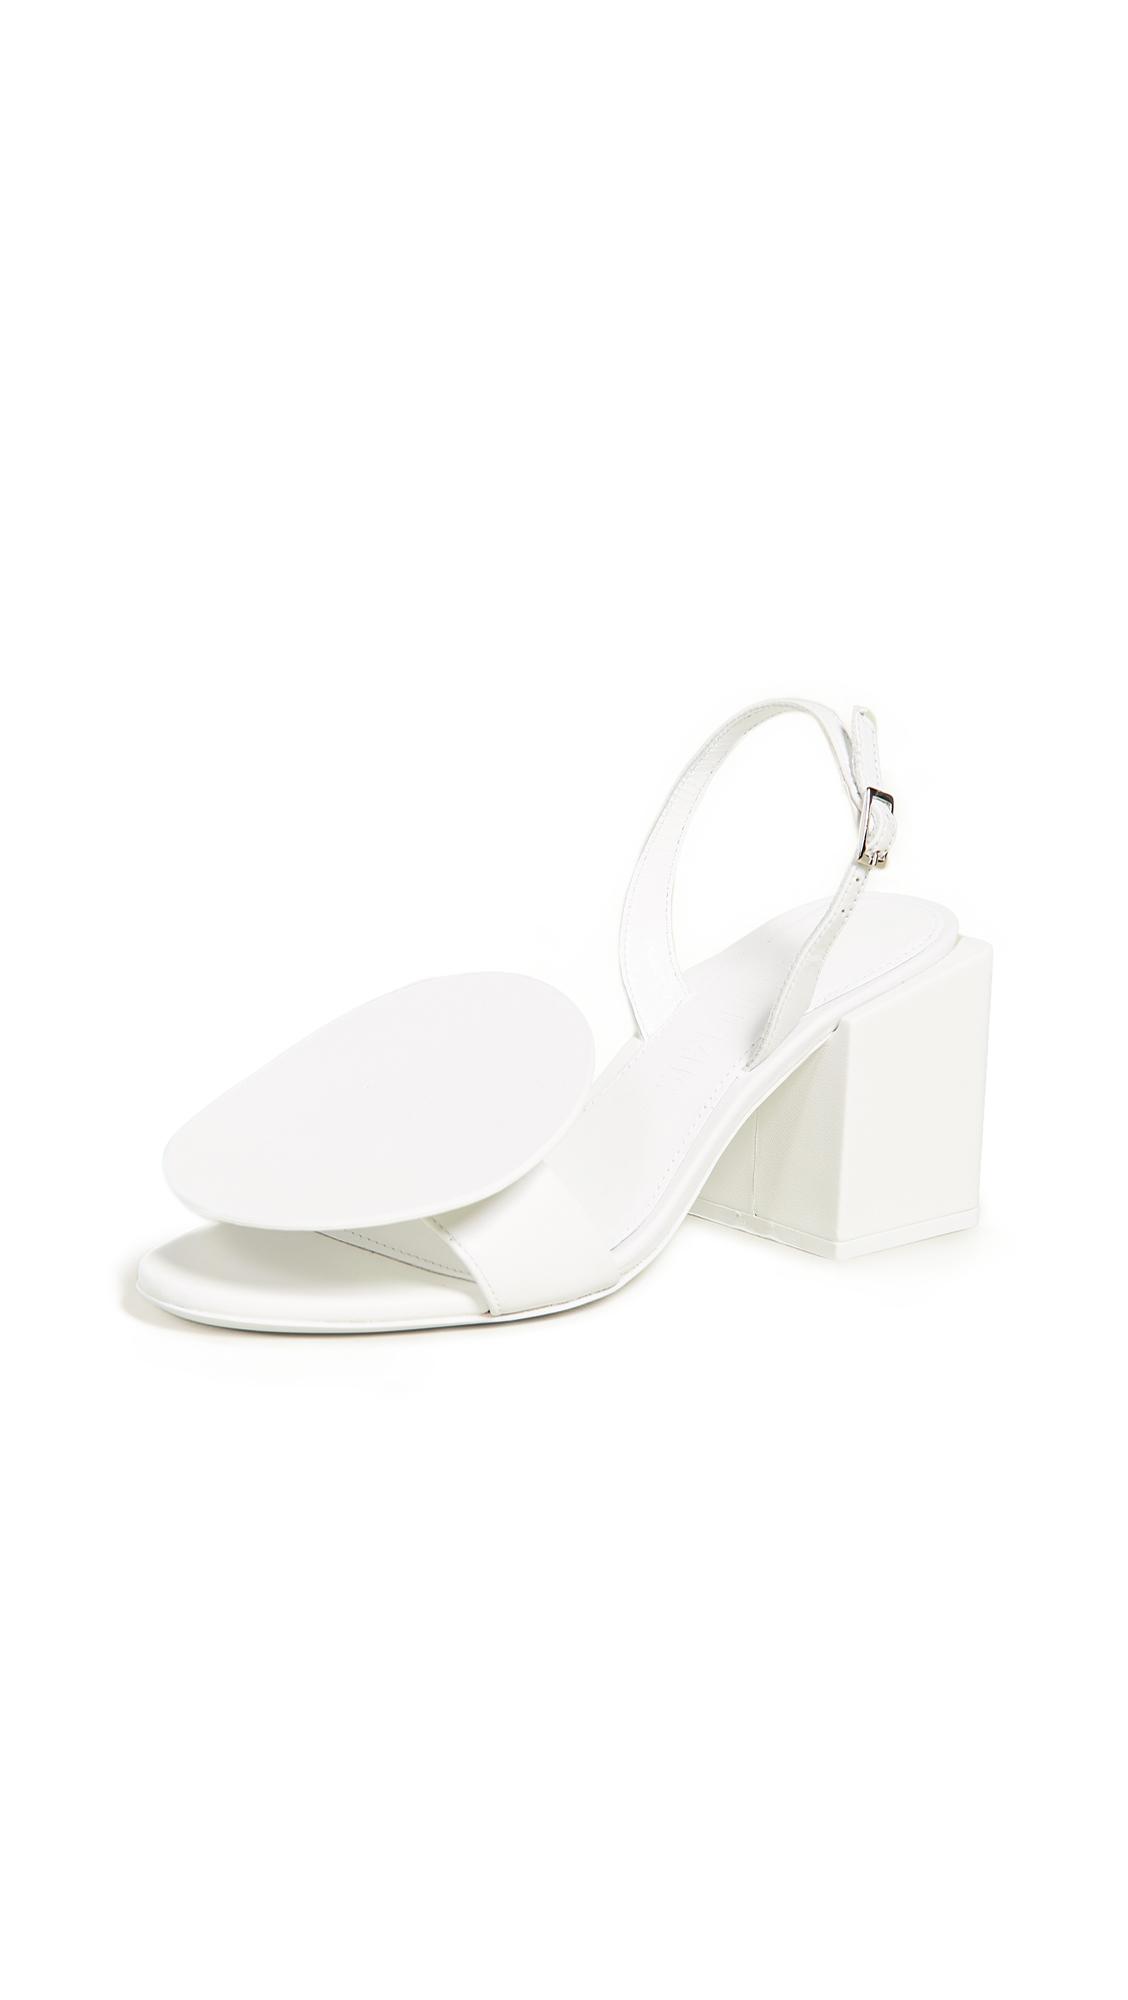 Jacquemus Les Rond Carre Sandals